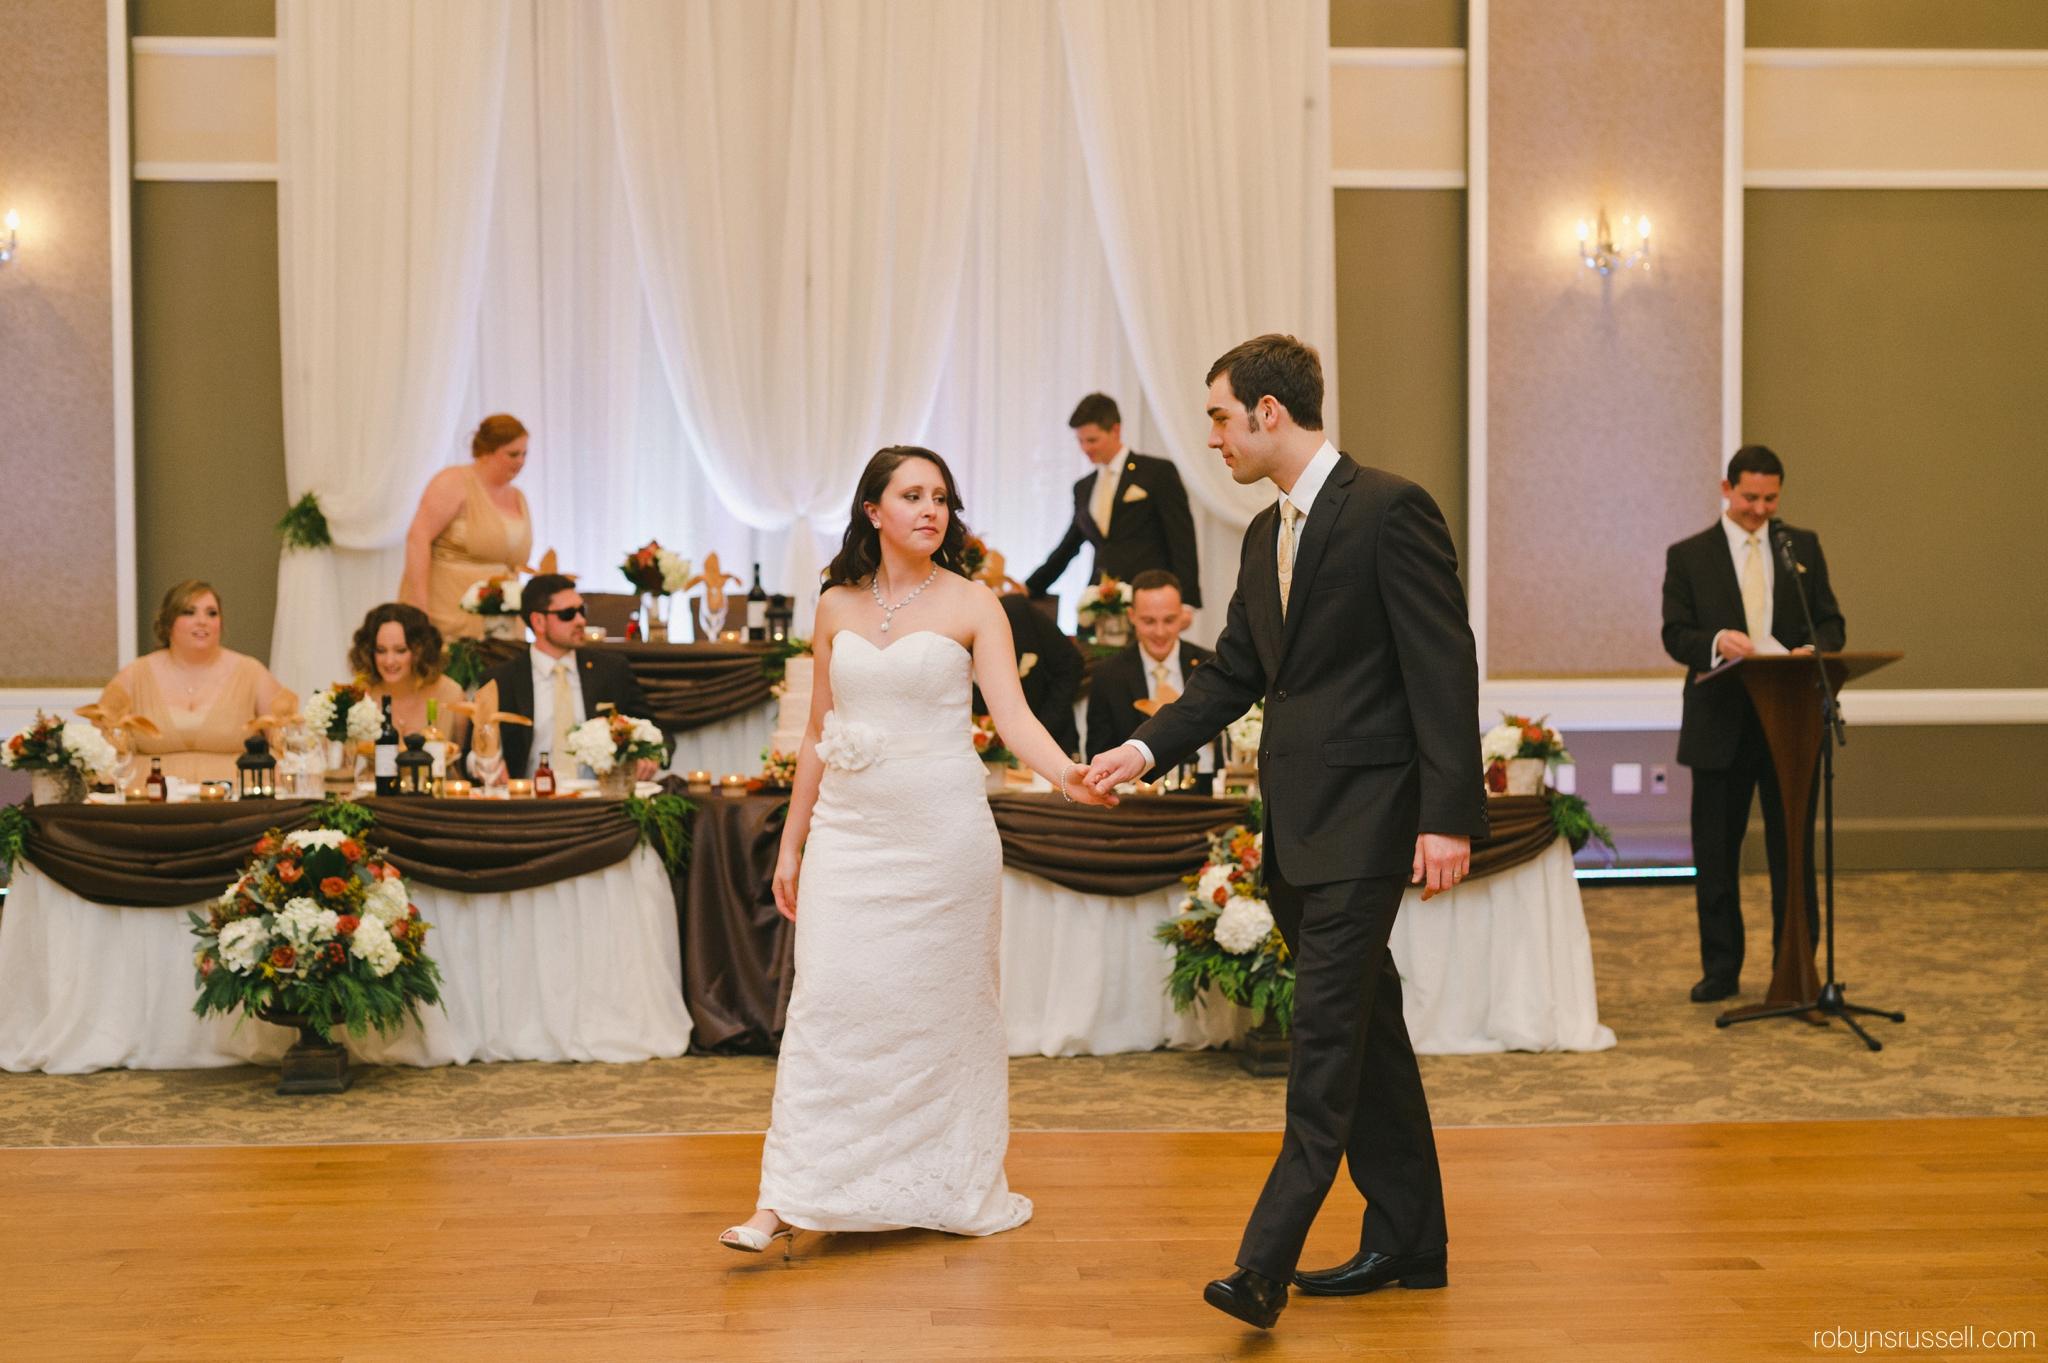 52-first-dance-oakville-wedding-photographer.jpg